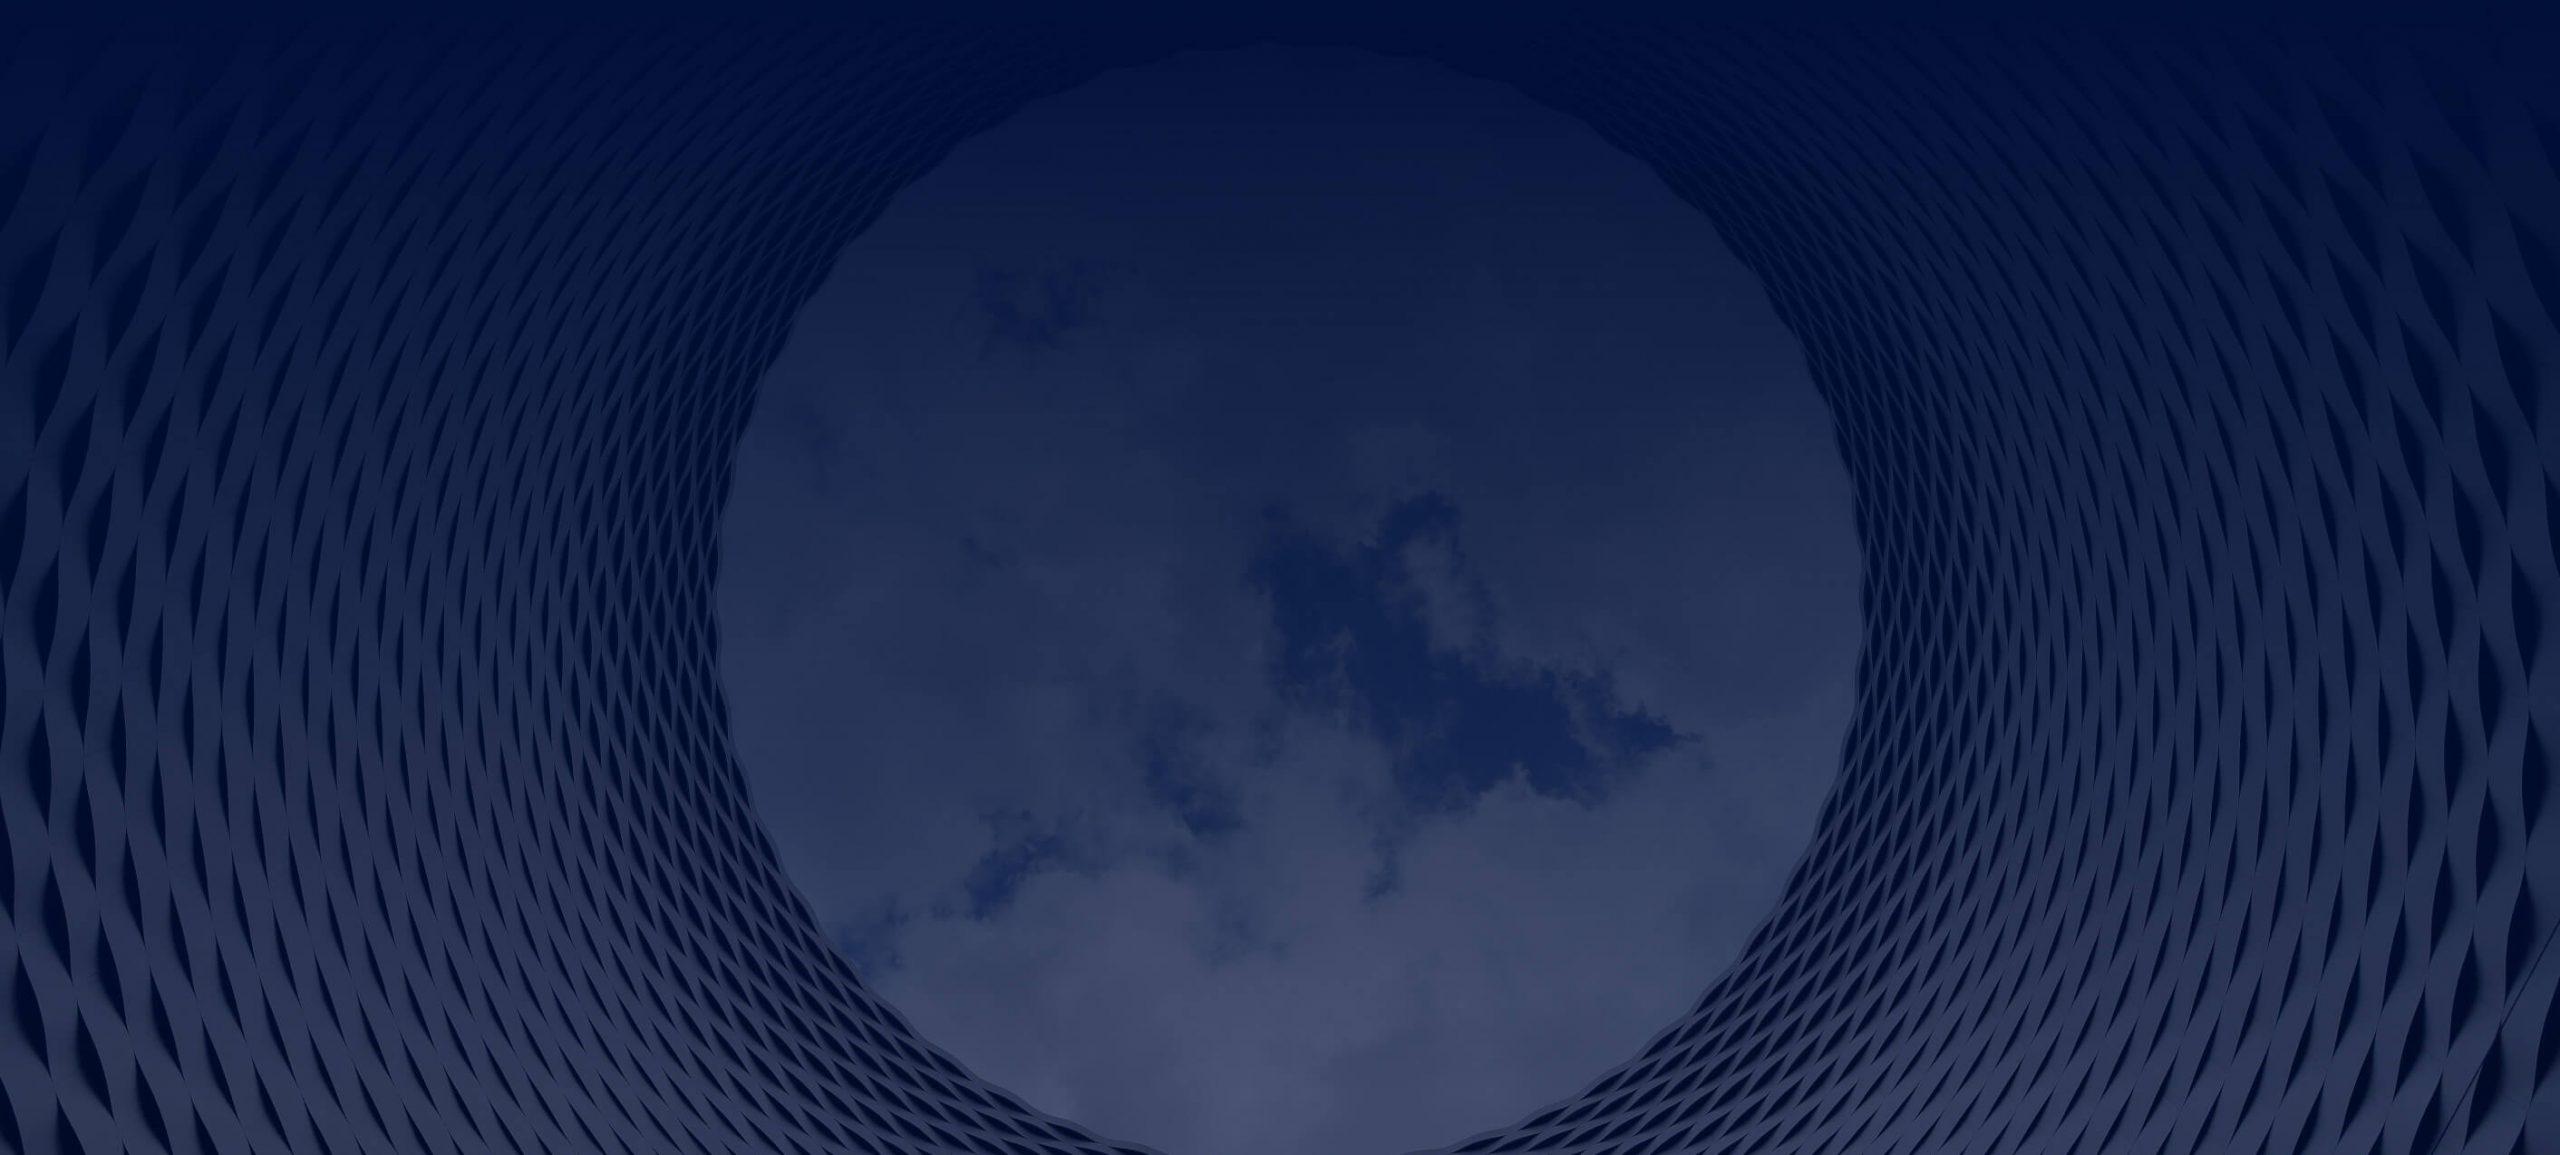 bg_industry-scaled.jpg